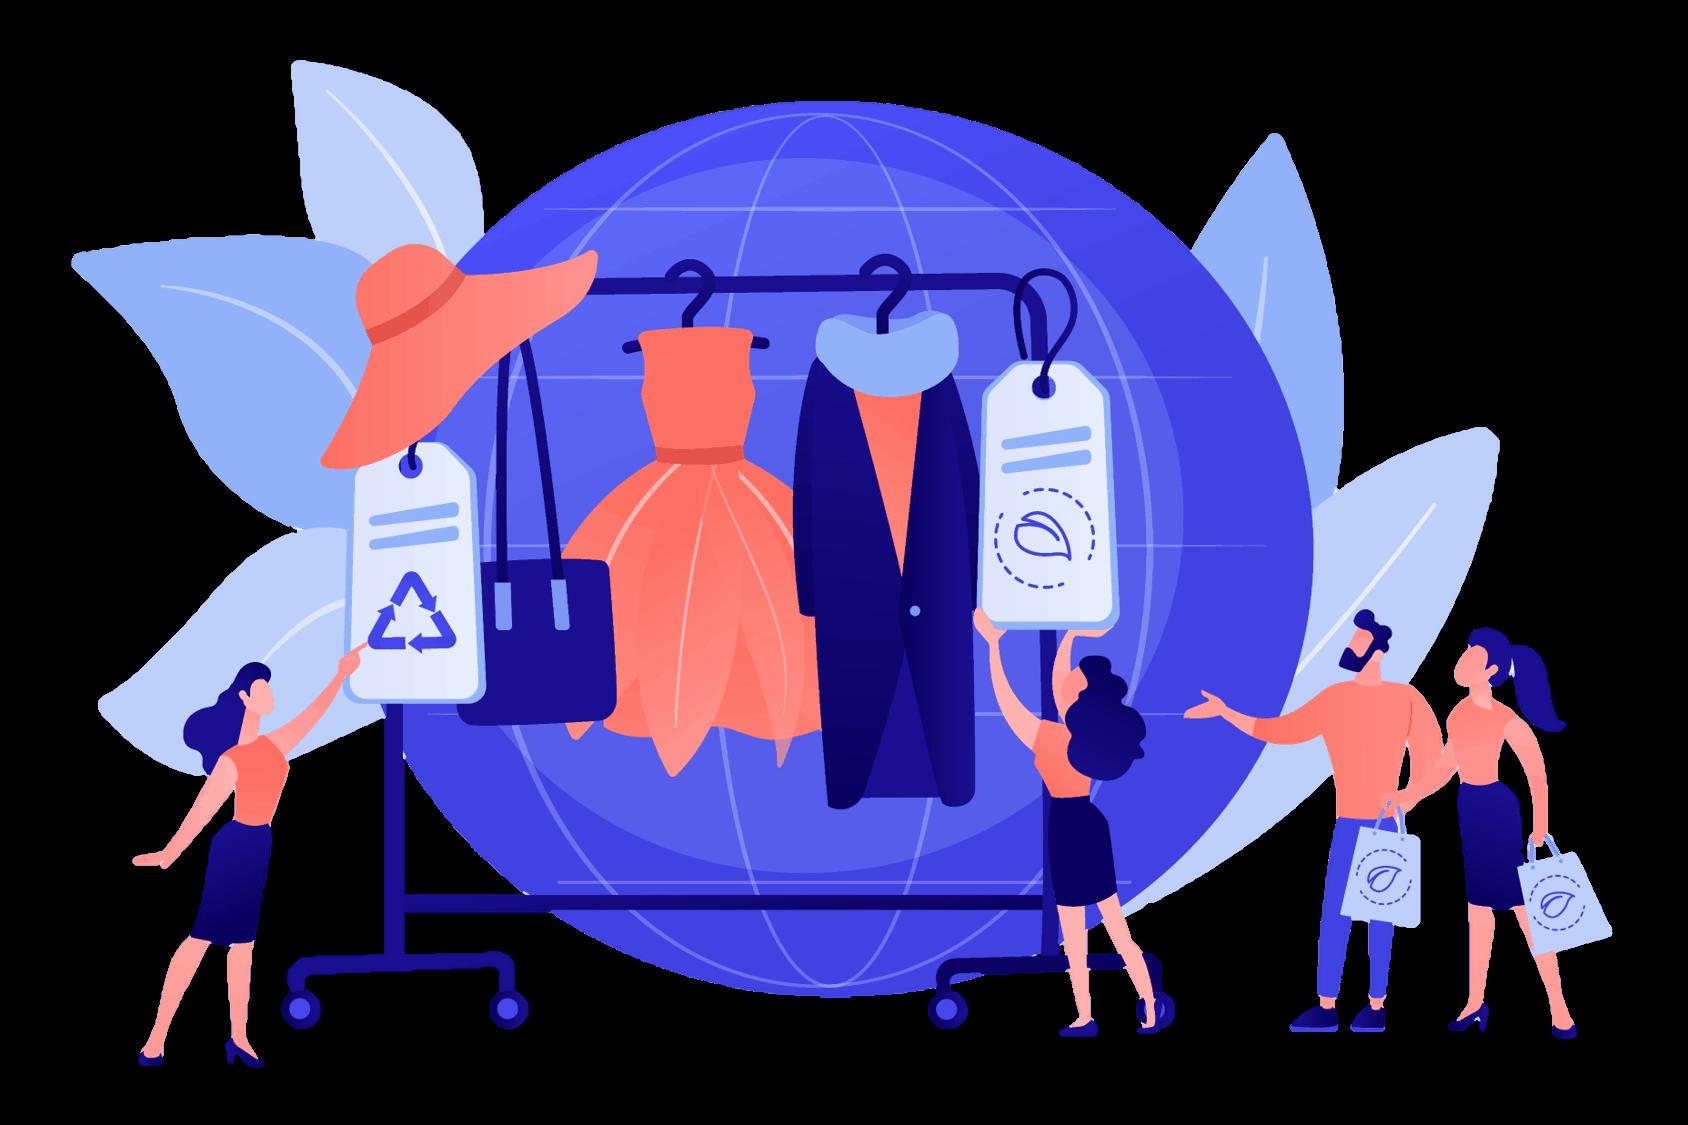 consulenza-moda-sostenibile